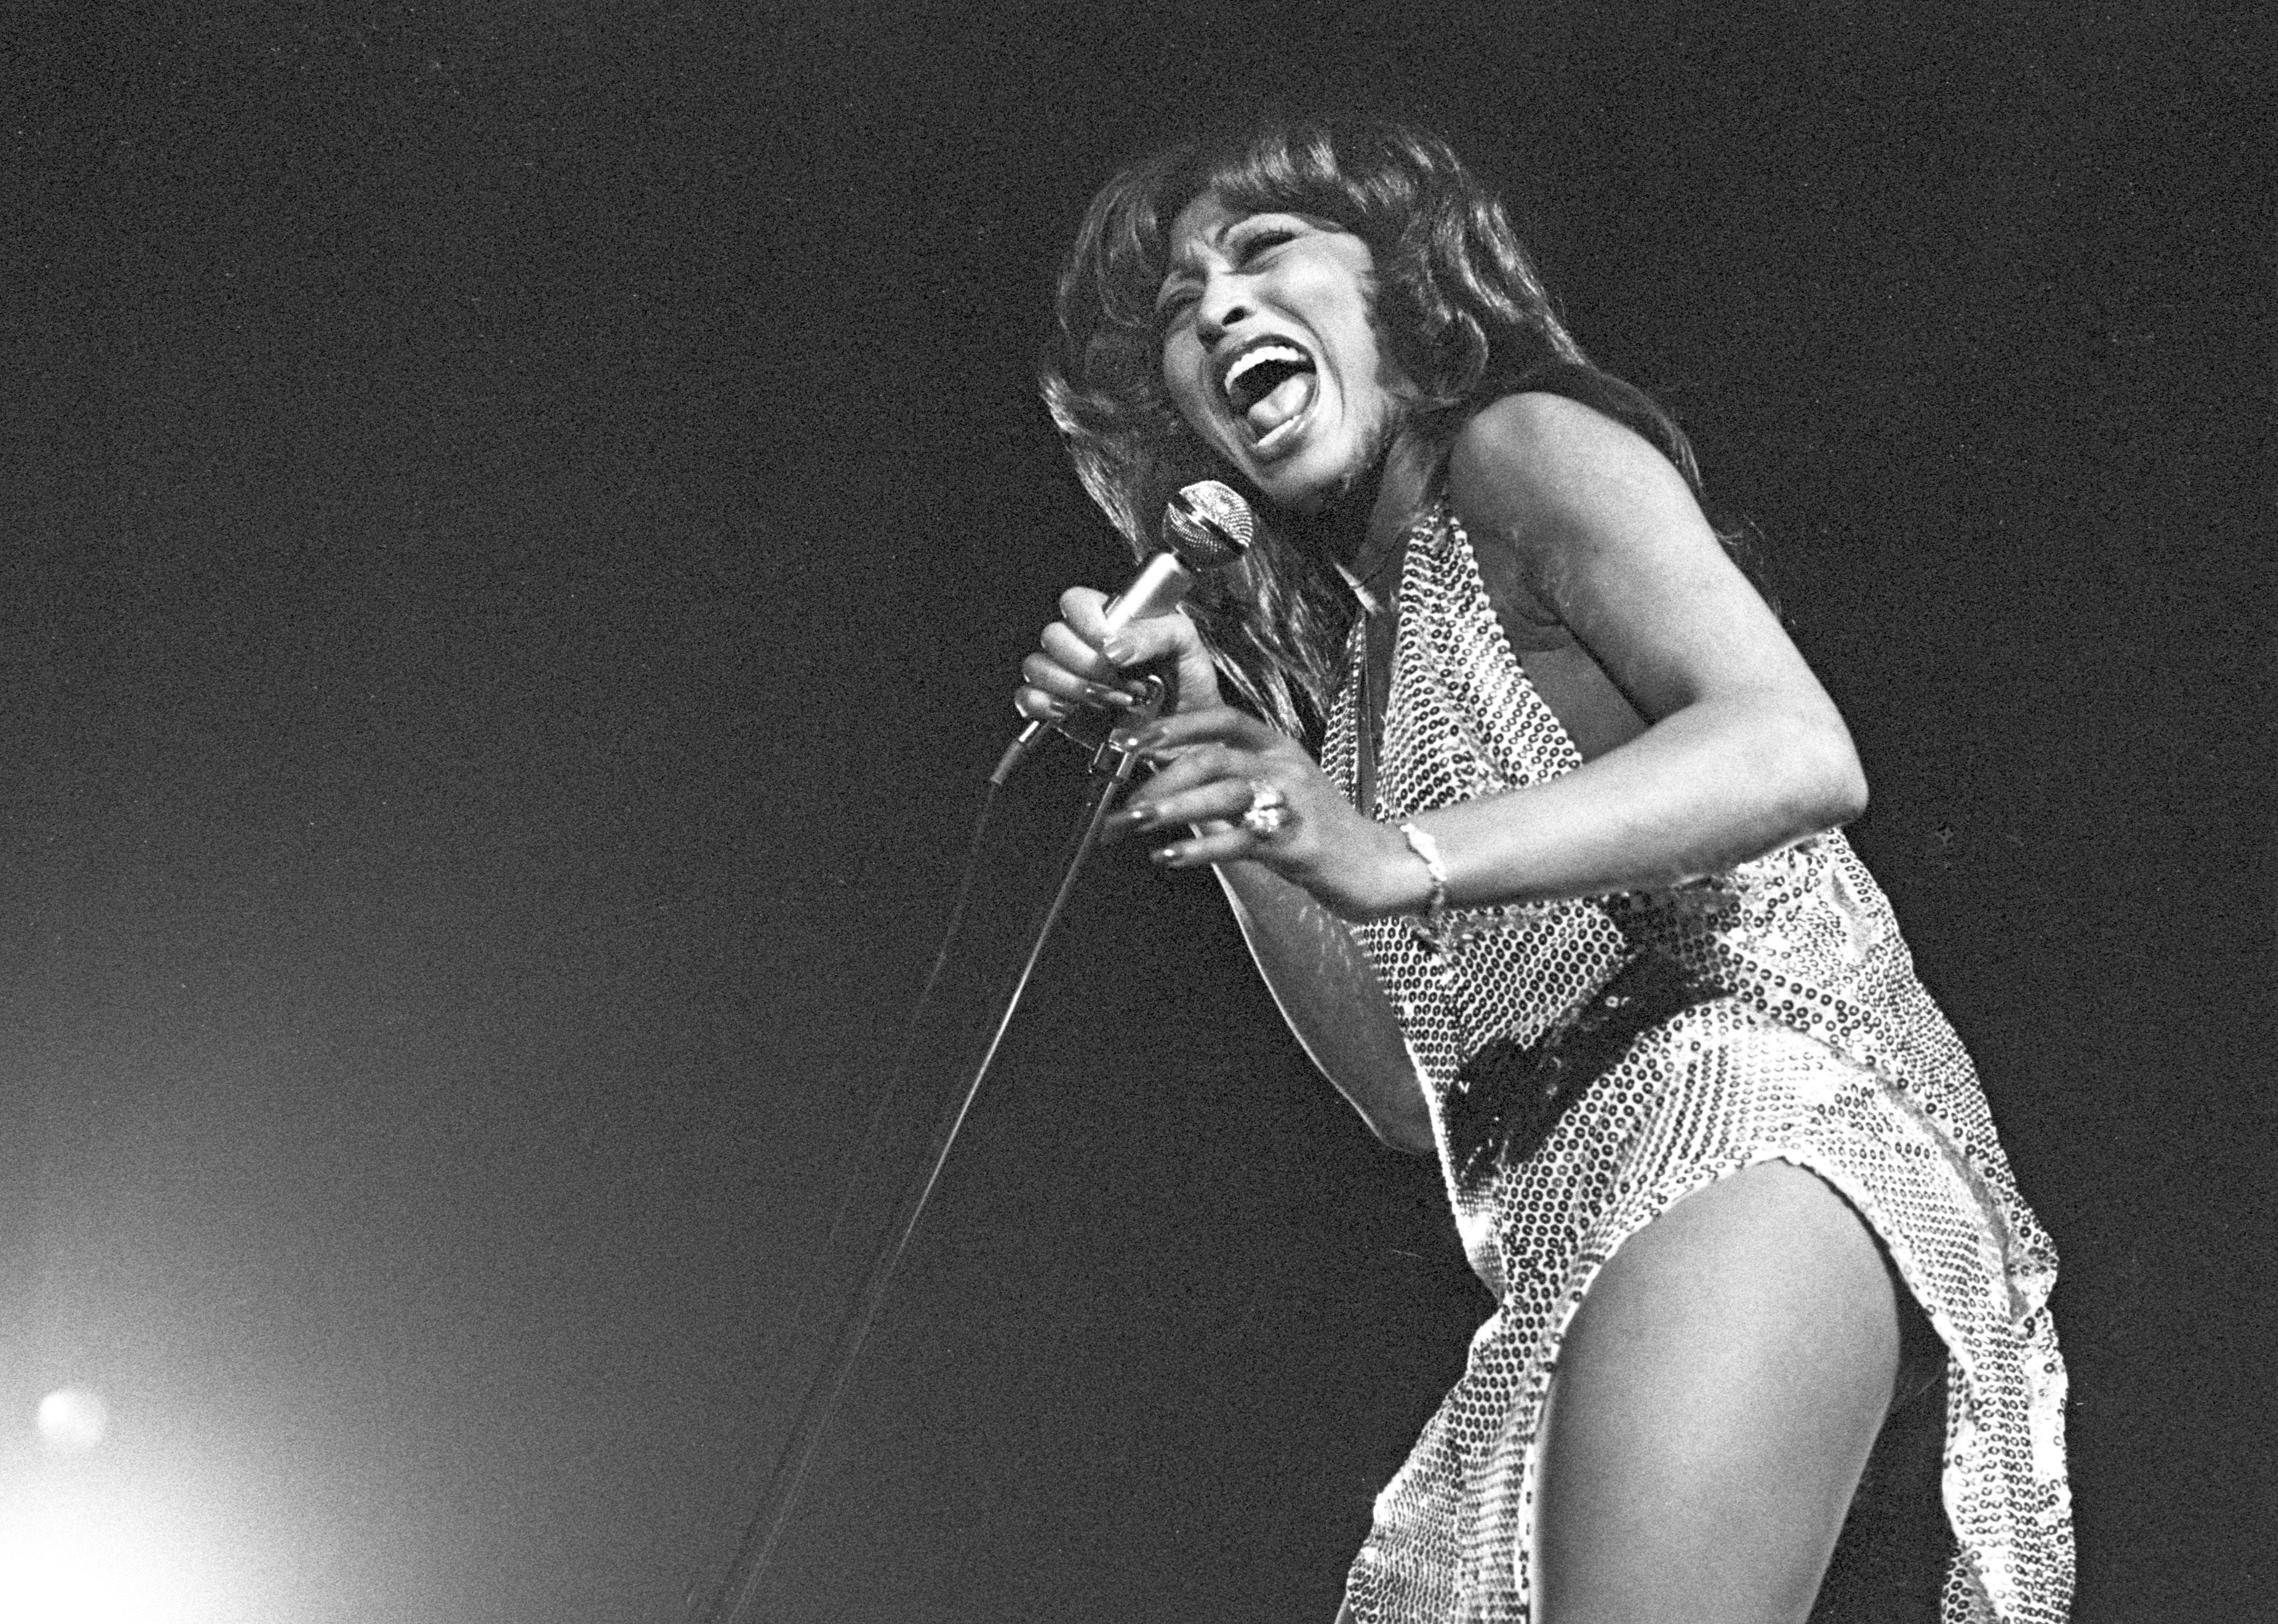 Tina Turner, Ike and Tina Turner